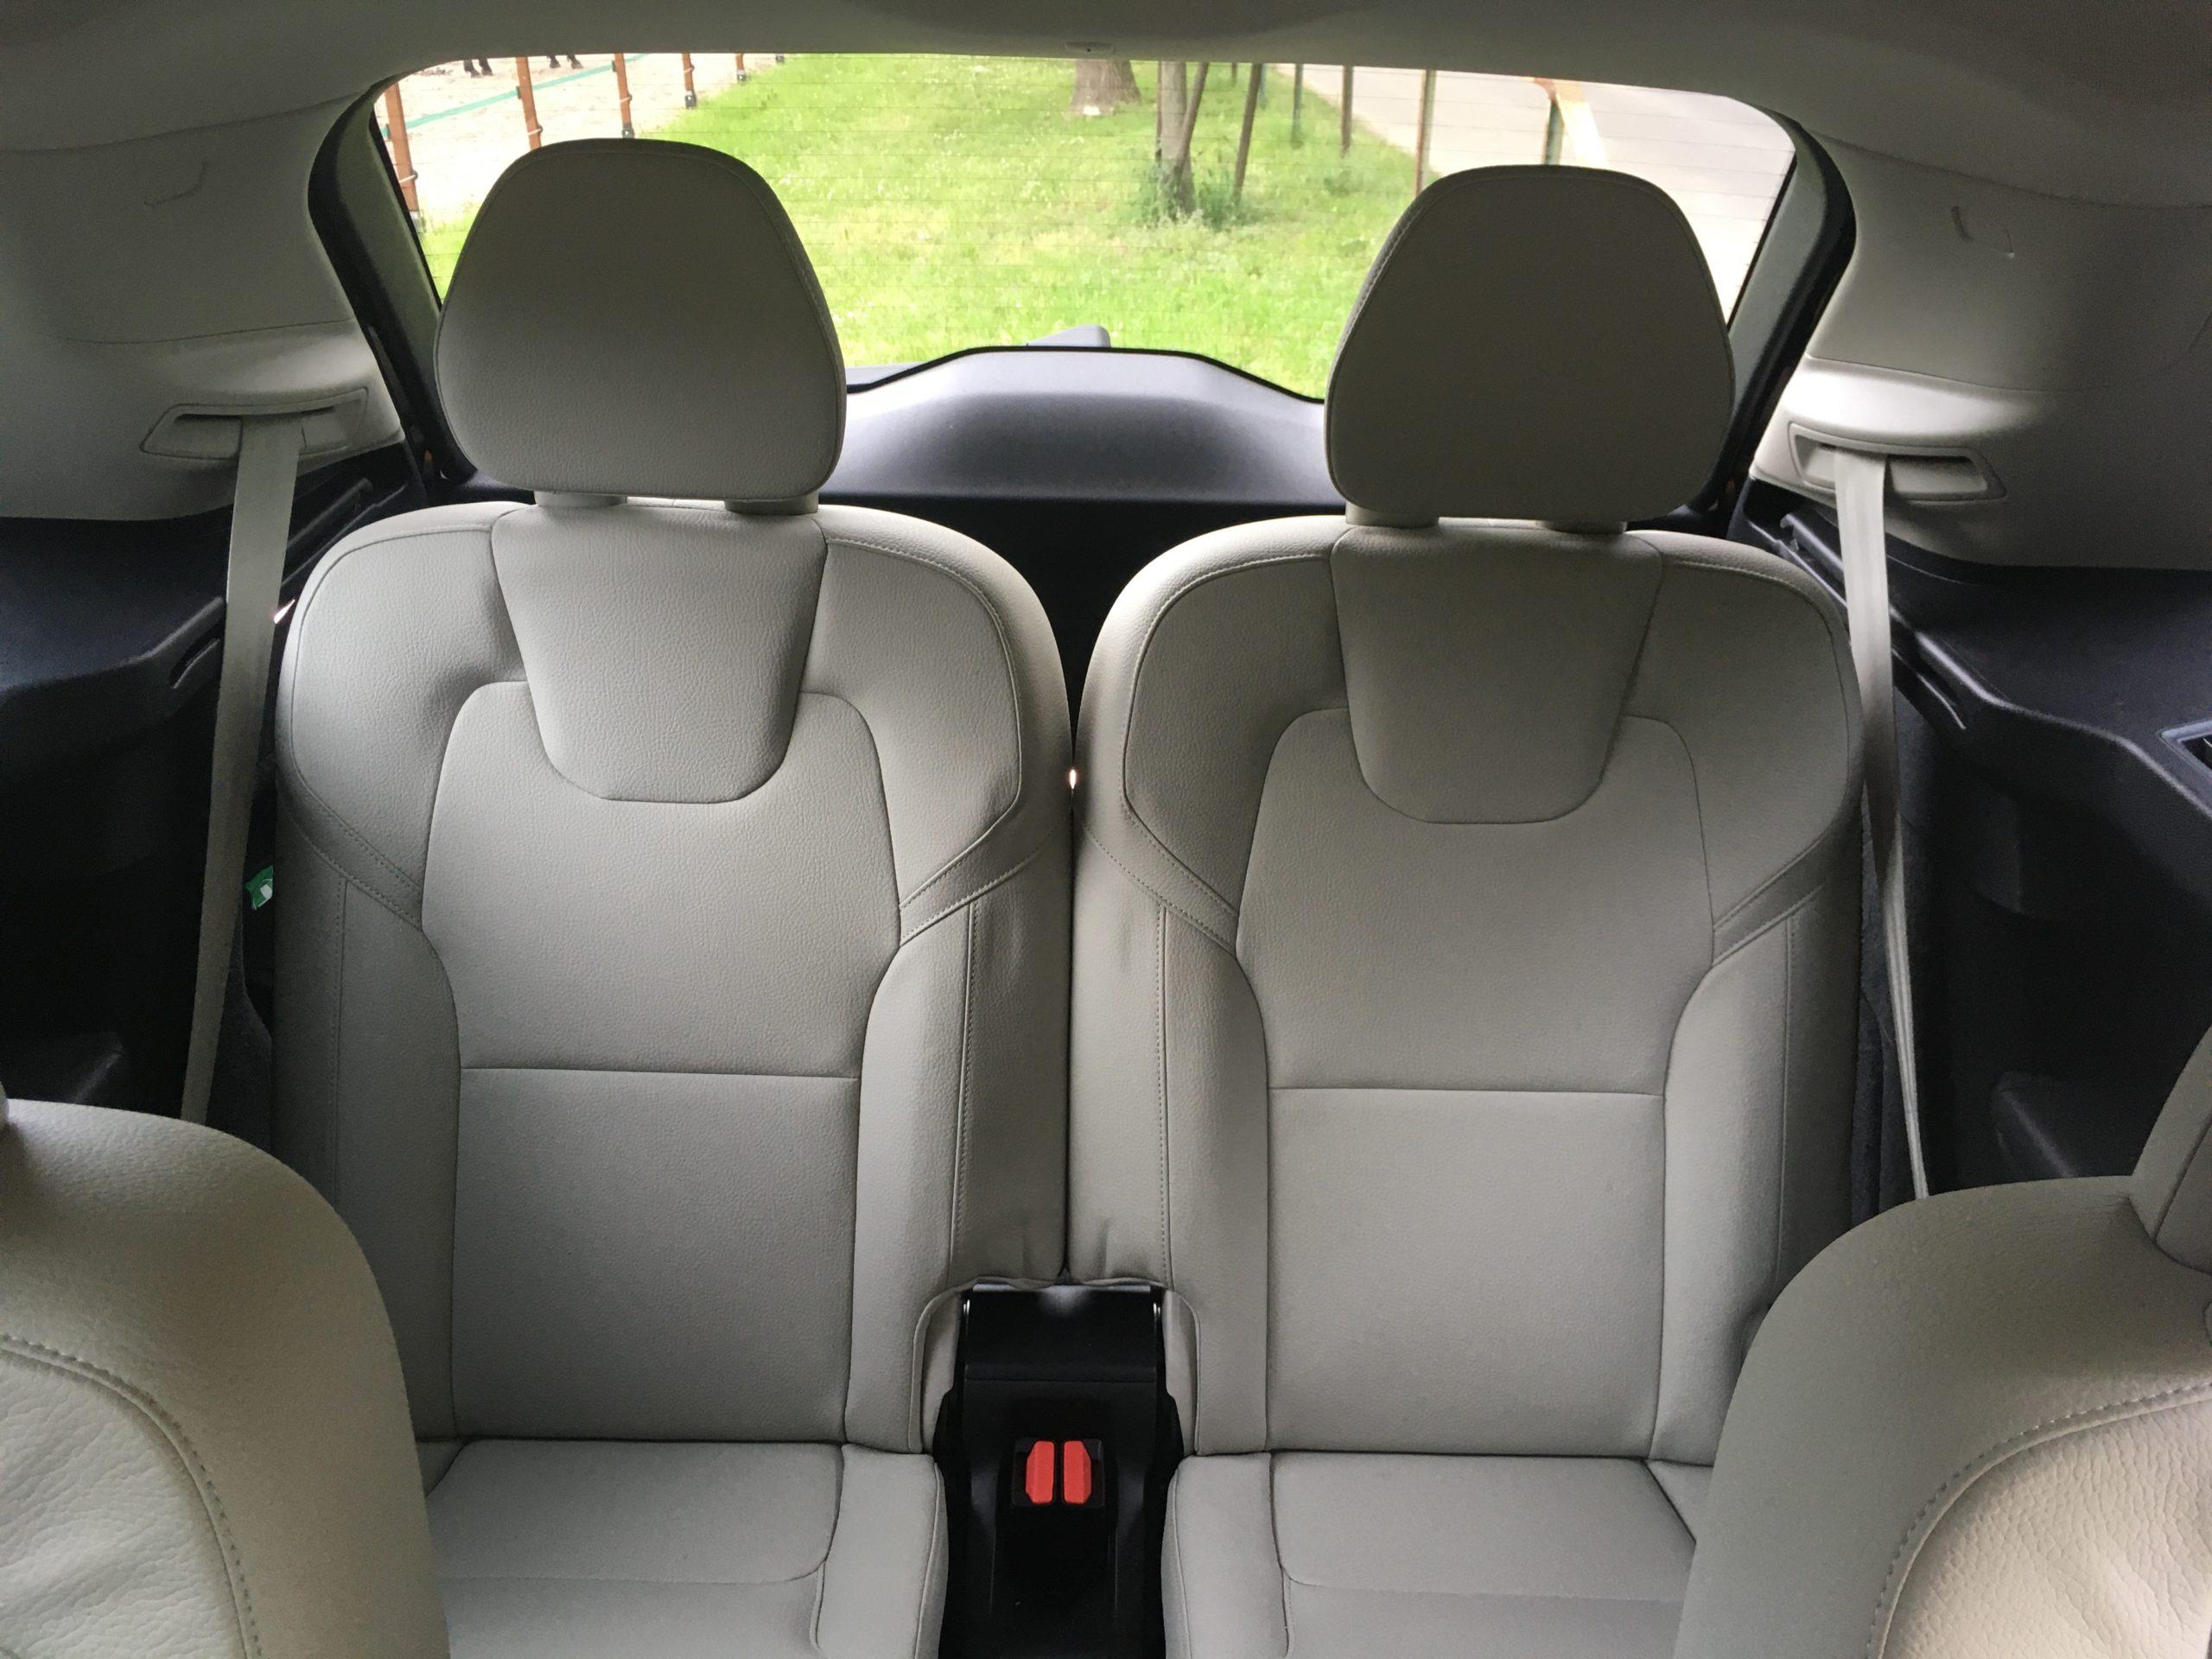 Wszystkie fotele Volvo są wygodne i świetnie wykonane, a po rozłożeniu tych z trzeciego rzędu wciąż pozostaje spory bagażnik